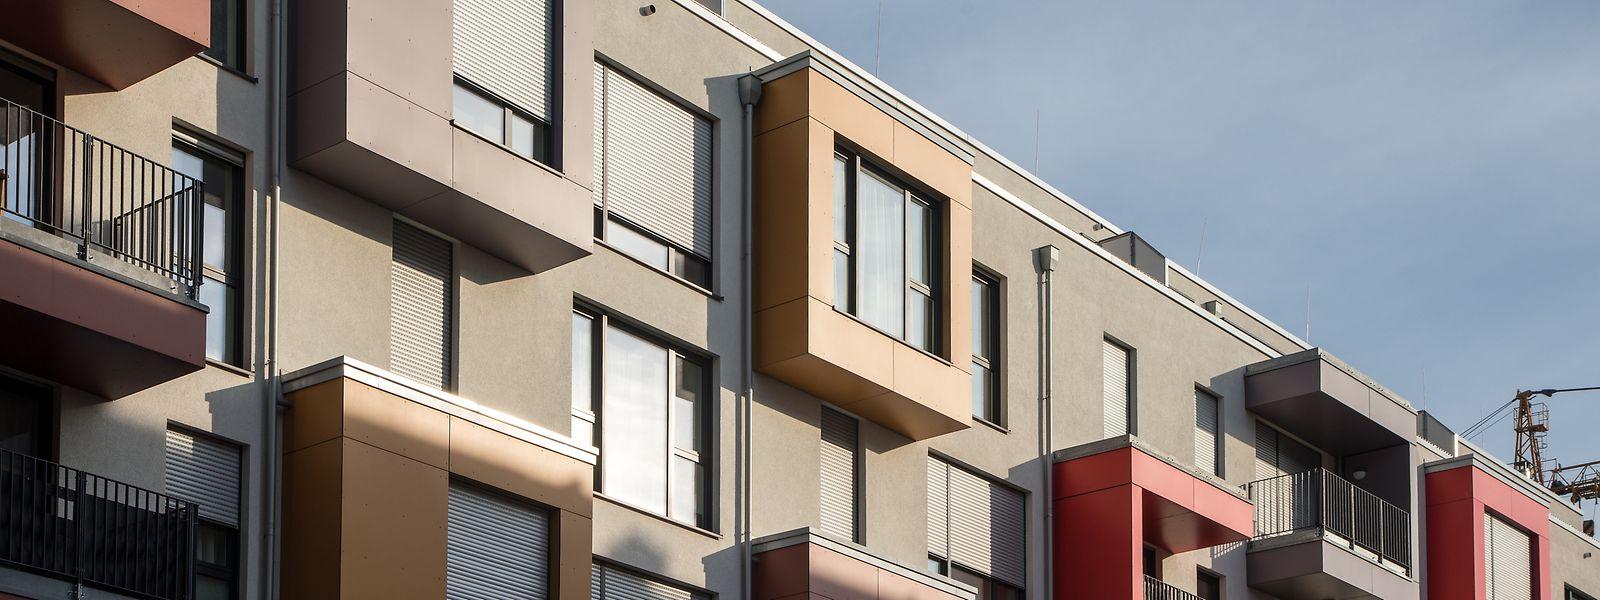 In Luxemburg fehlt es an sozialem und subventioniertem Wohnraum.